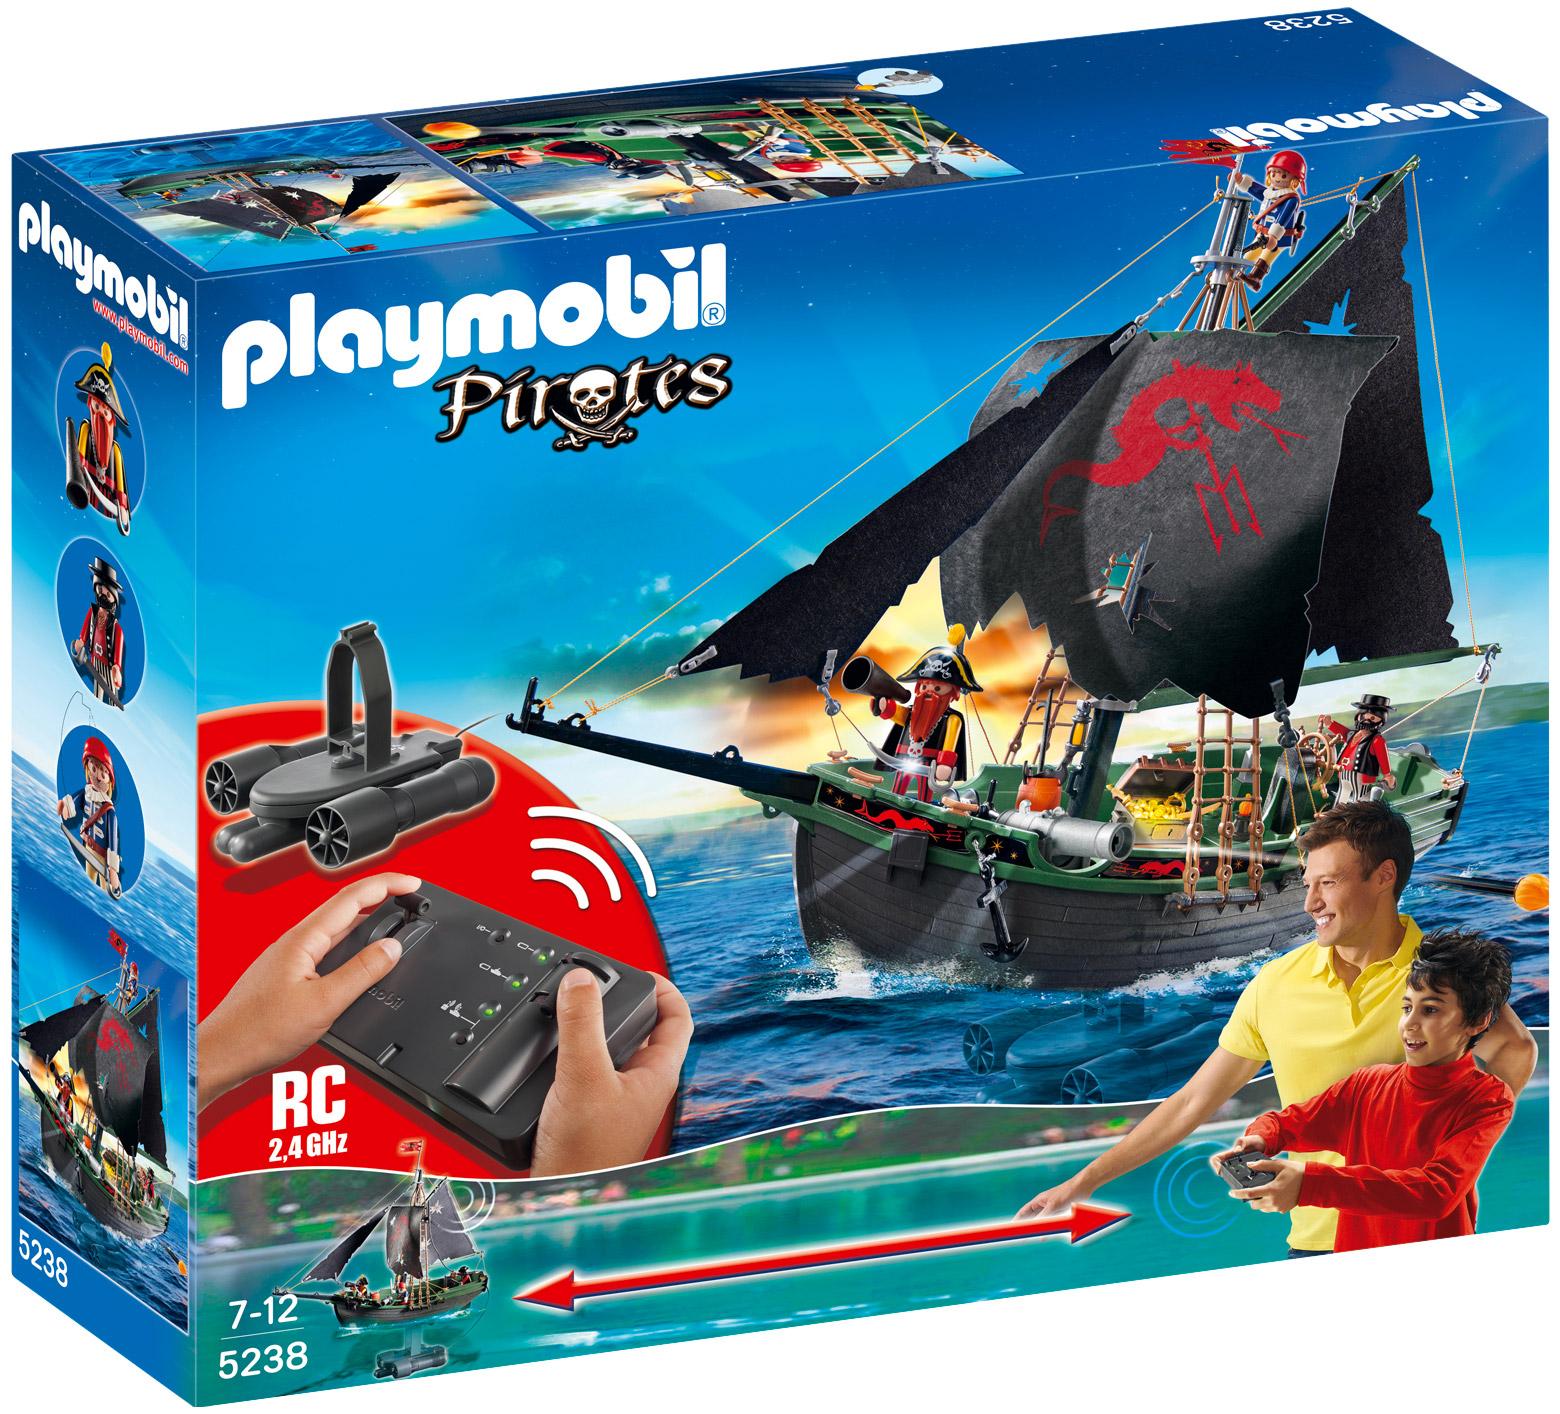 playmobil pirates 5238 pas cher bateau pirates avec moteur submersible. Black Bedroom Furniture Sets. Home Design Ideas